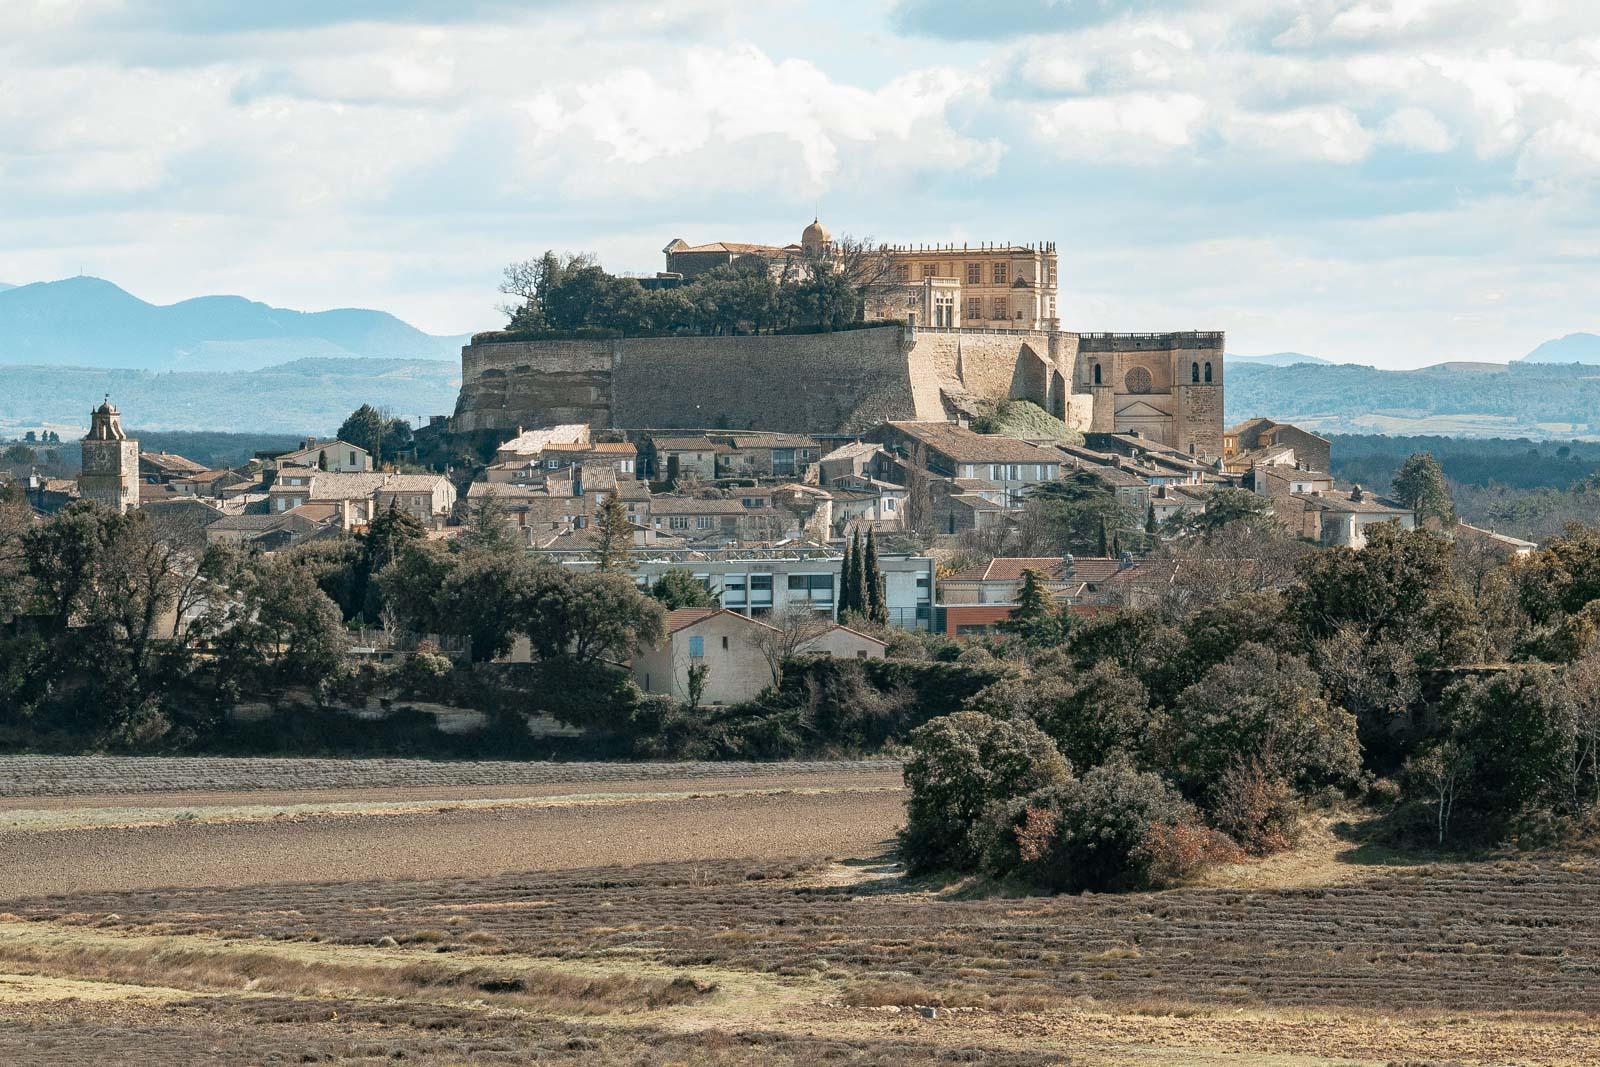 Vue sur la citadelle de Grignan